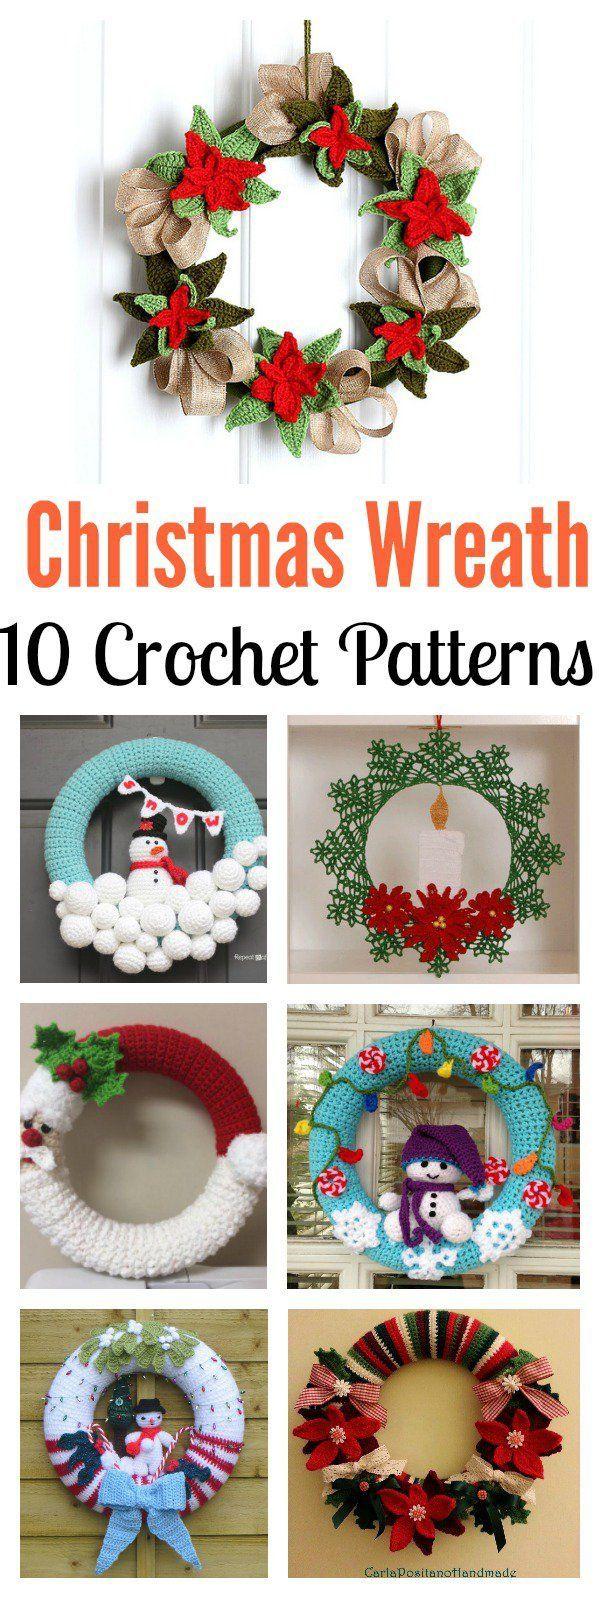 10+ Christmas Wreath Crochet Patterns | Es weihnachtet sehr und ...